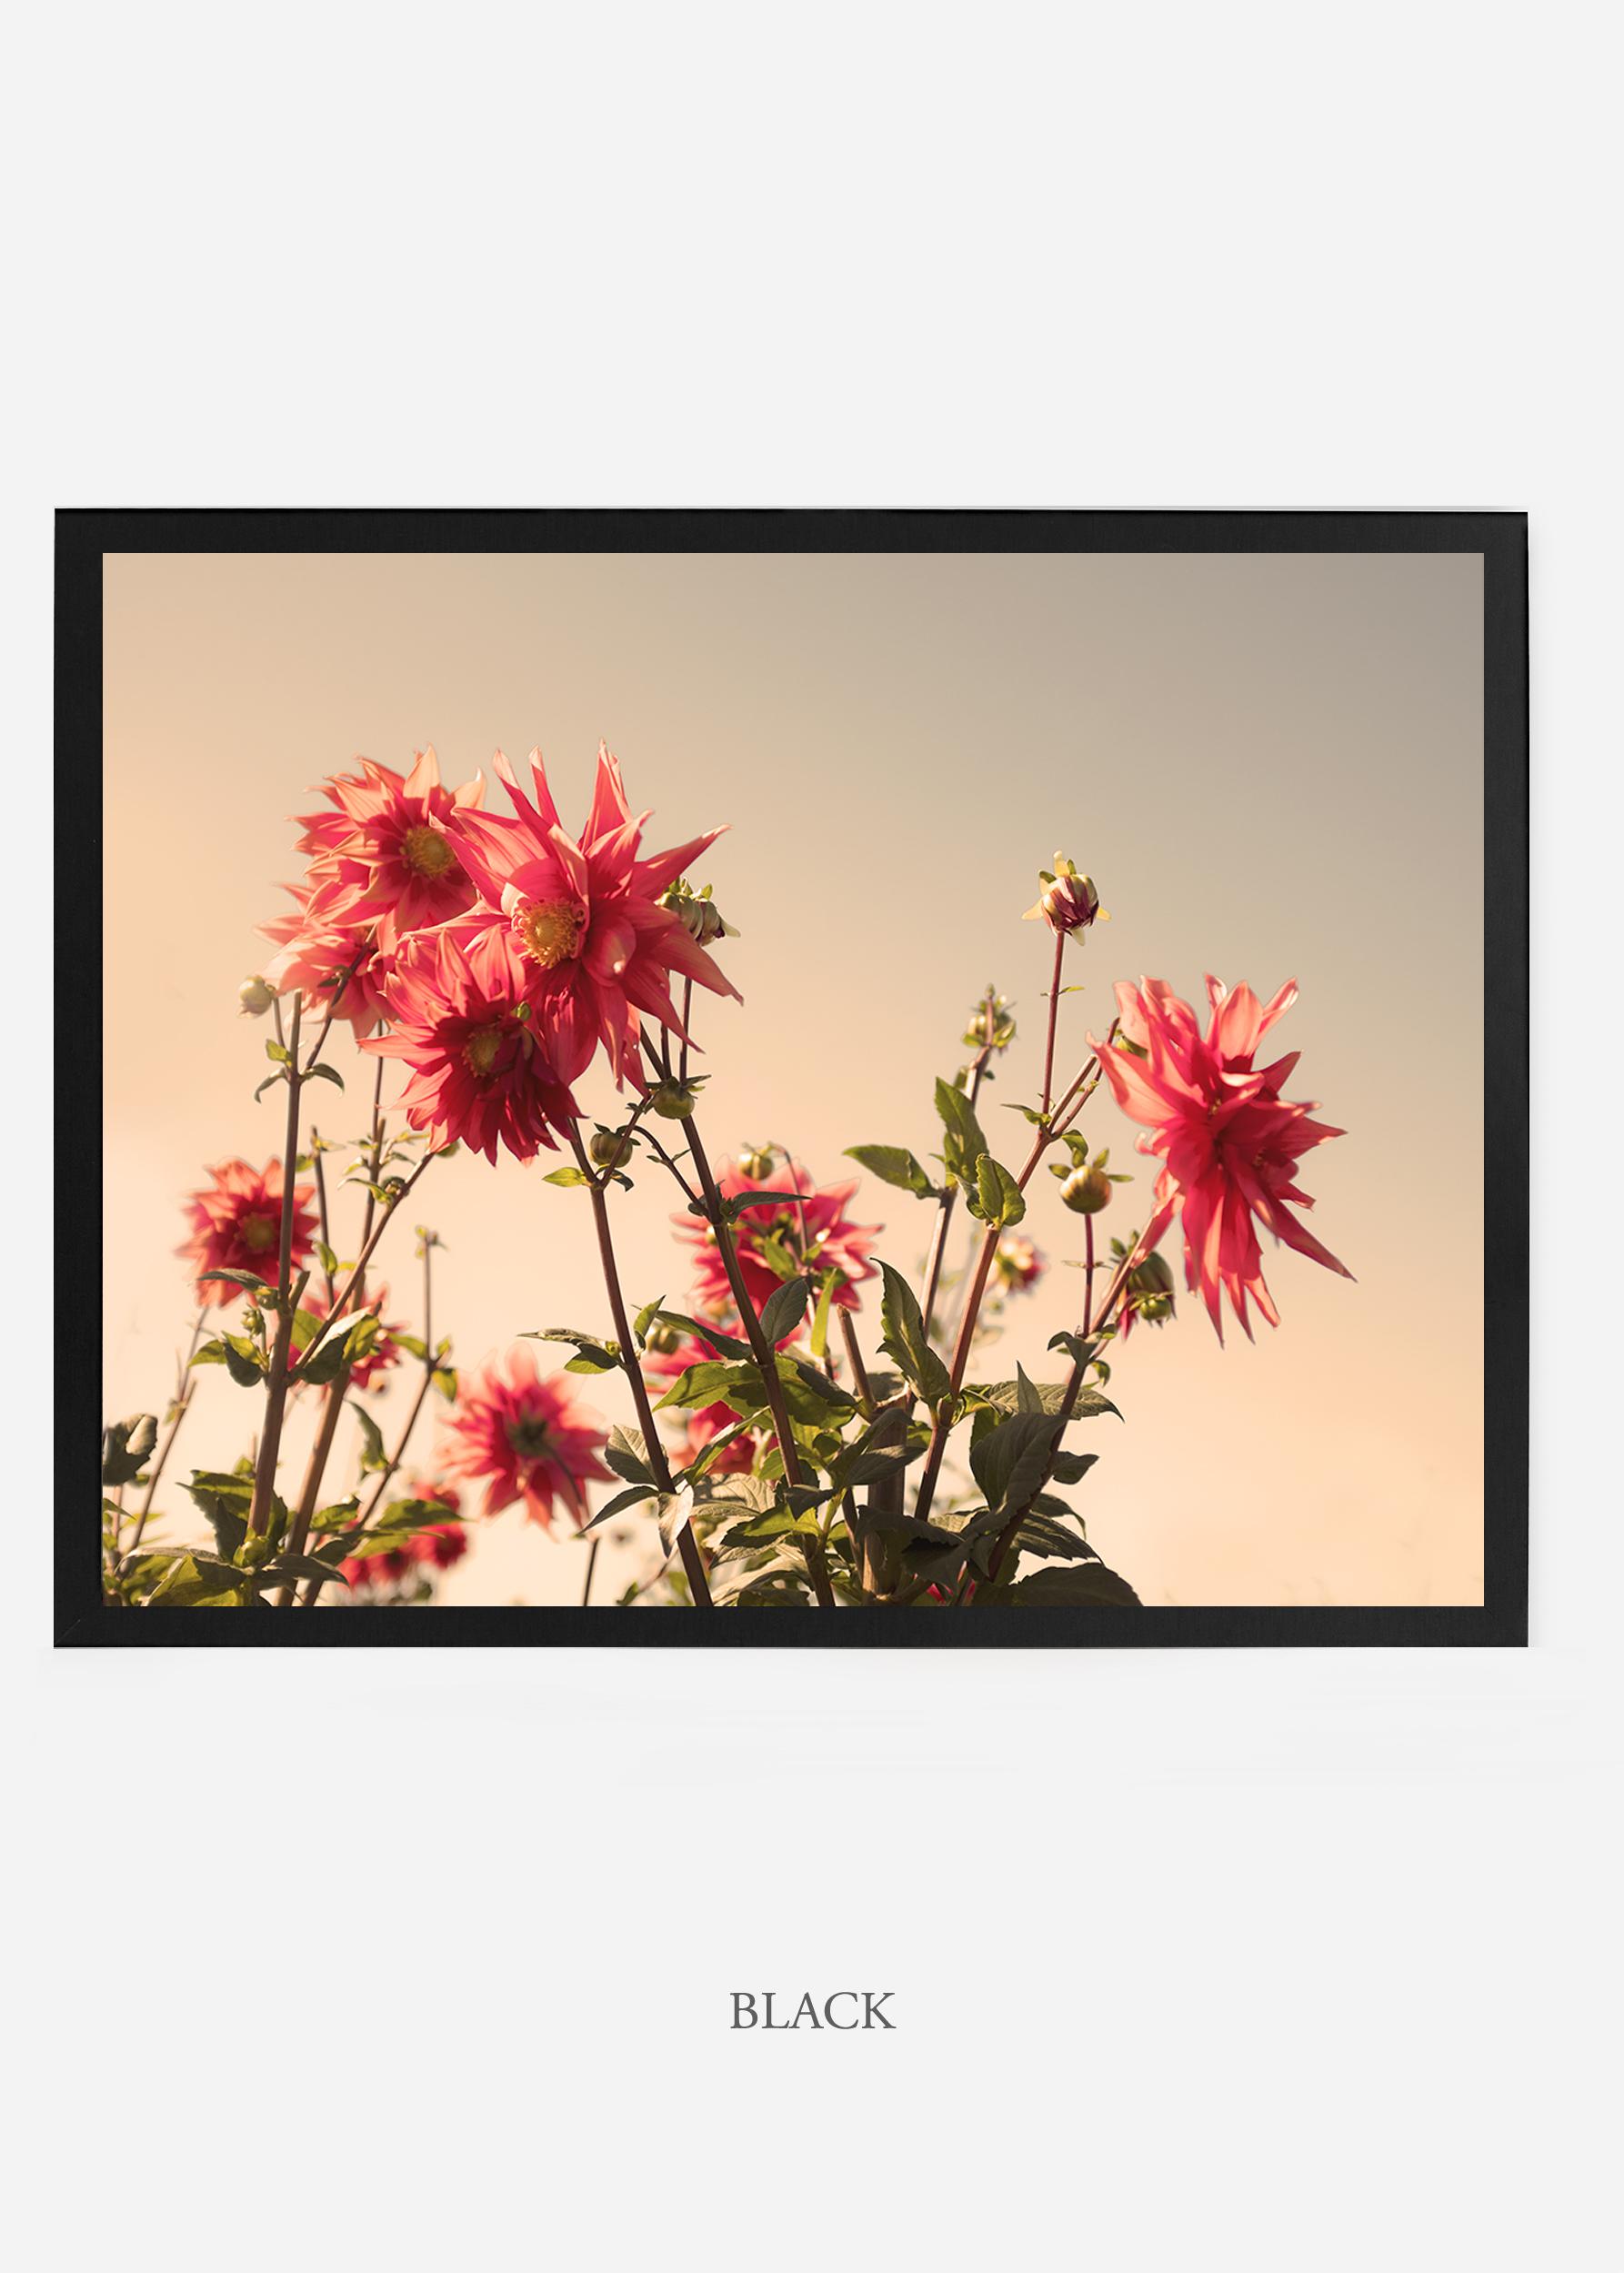 NoMat-BlackFrame-DahliaNo.9-Wilder-California-Art-Floral-Home-decor-Prints-Dahlia-Botanical-Artwork-Interior-design.jpg